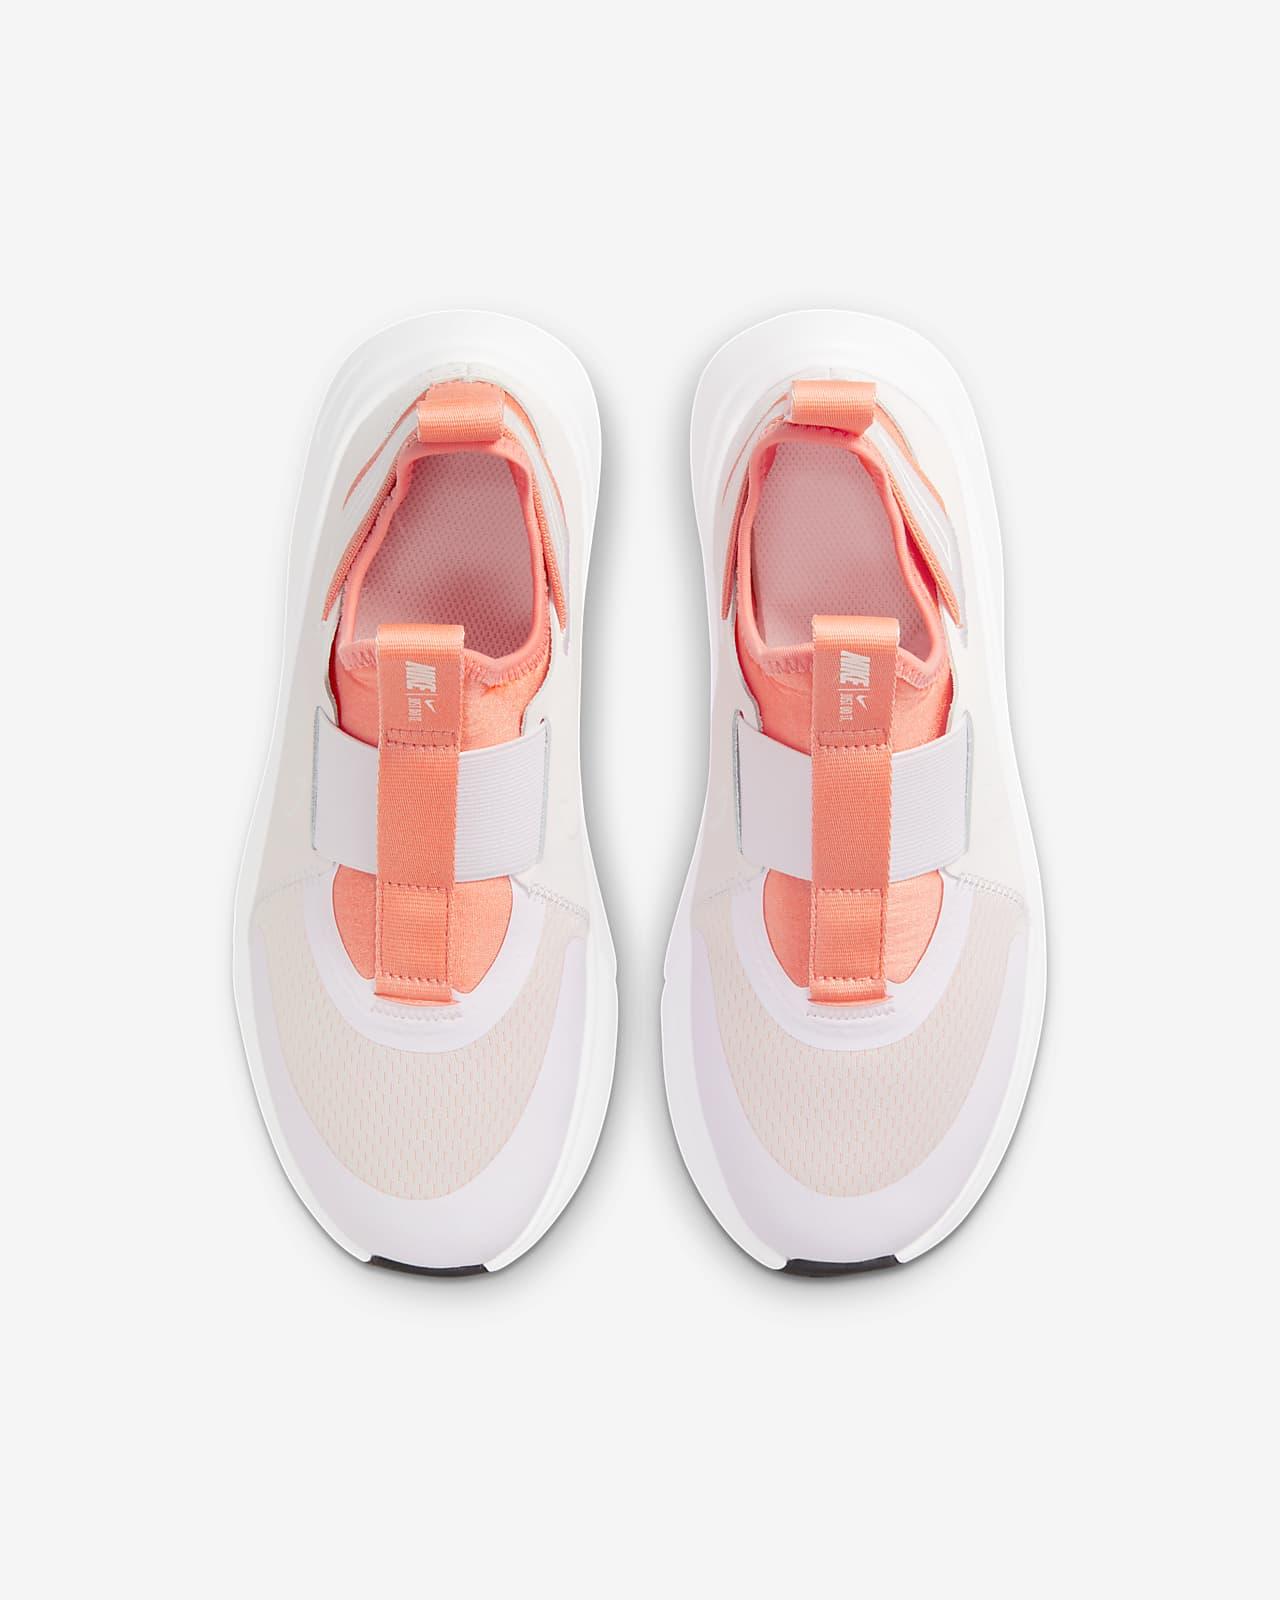 รองเท้าวิ่งเด็กโต Nike Flex Plus